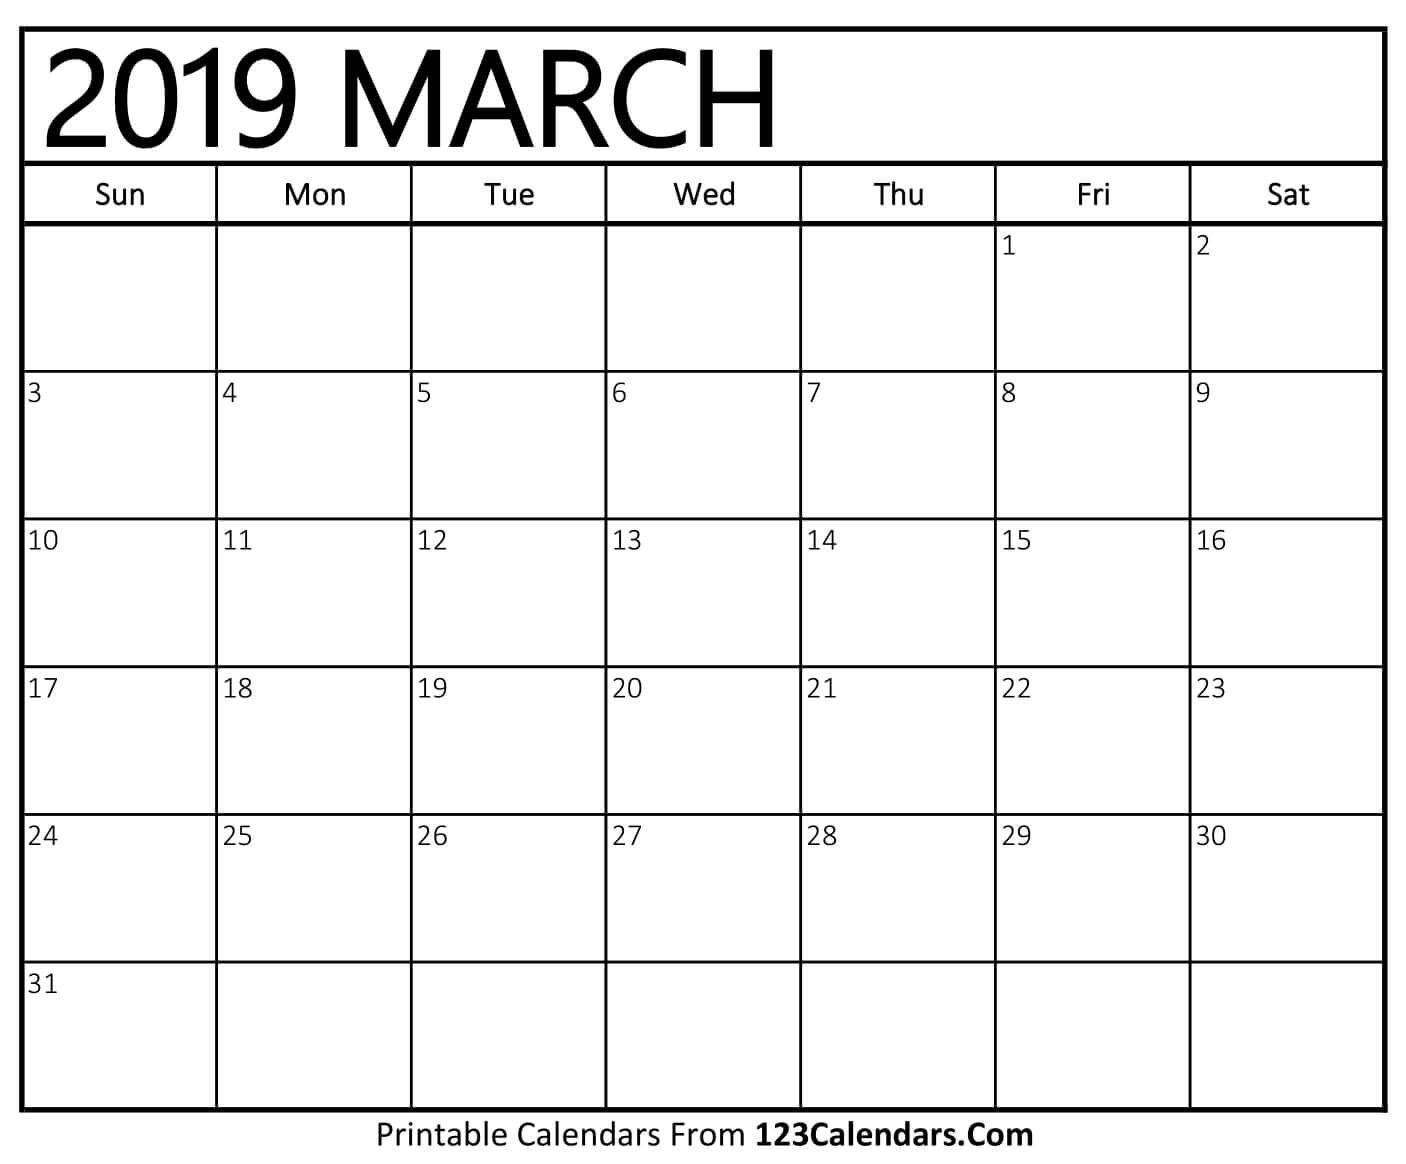 Printable March 2019 Calendar Templates – 123Calendars Calendar 2019 March